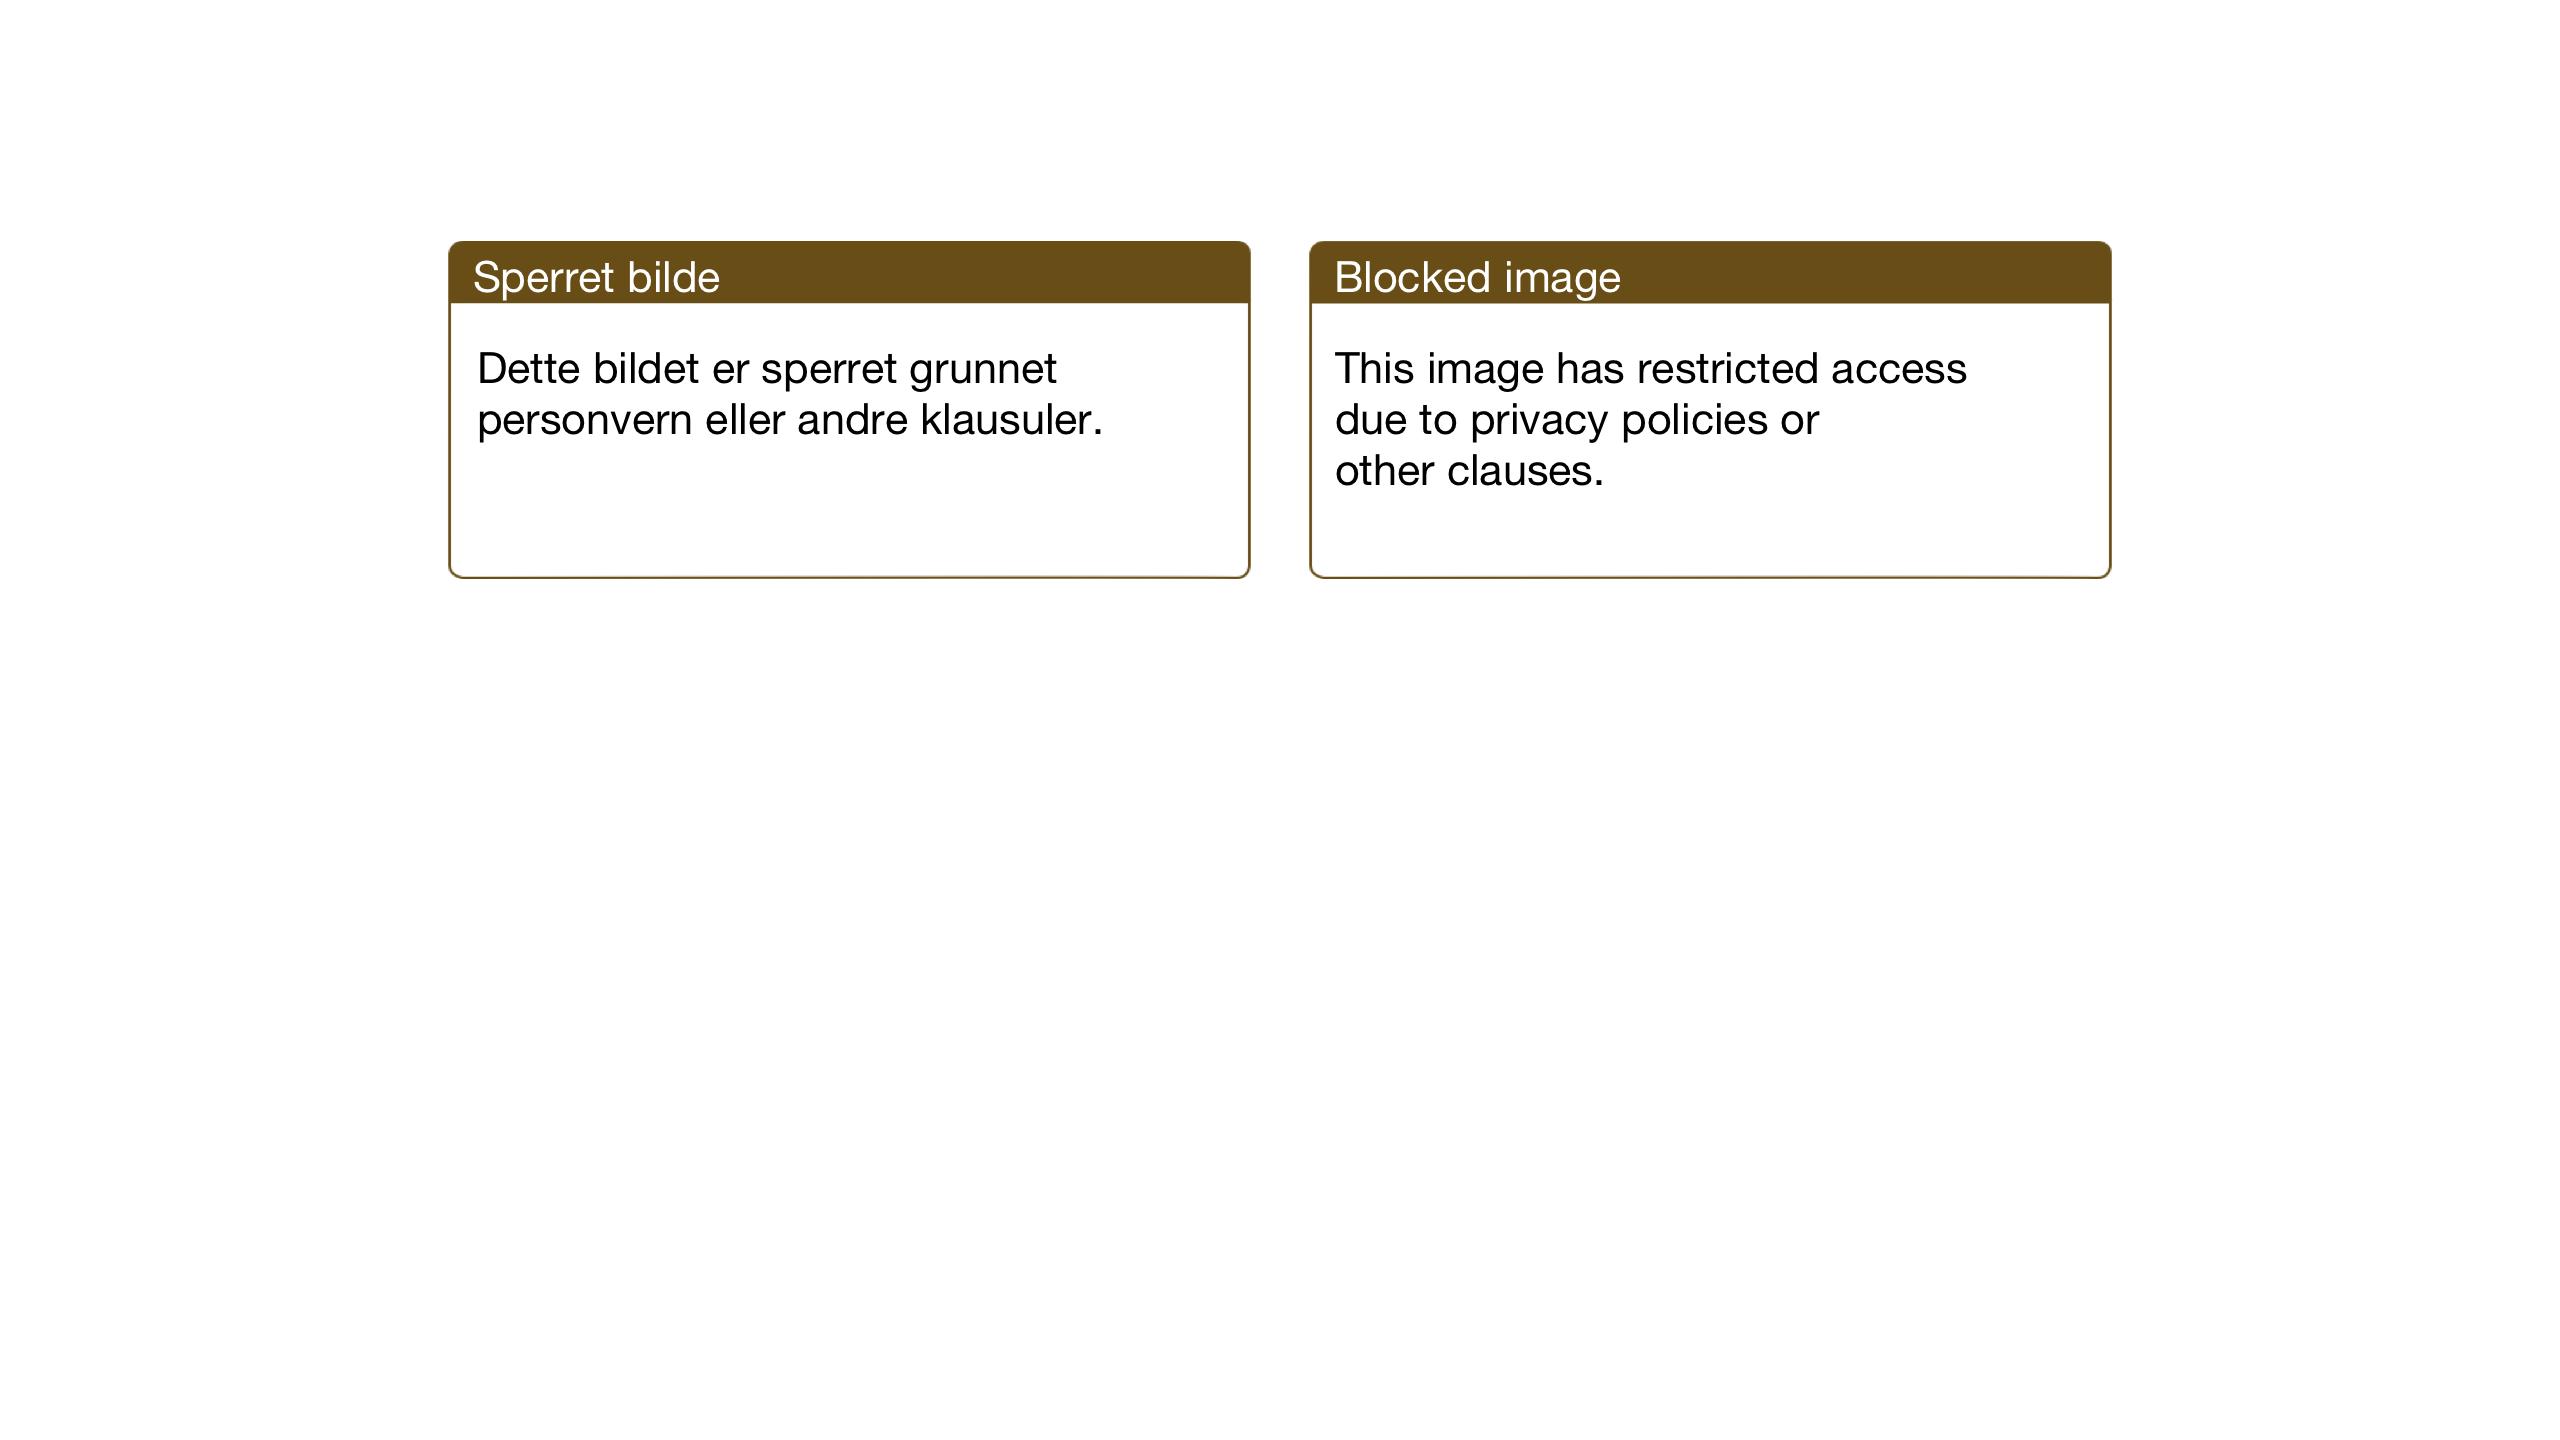 SAT, Ministerialprotokoller, klokkerbøker og fødselsregistre - Sør-Trøndelag, 681/L0944: Klokkerbok nr. 681C08, 1926-1954, s. 44